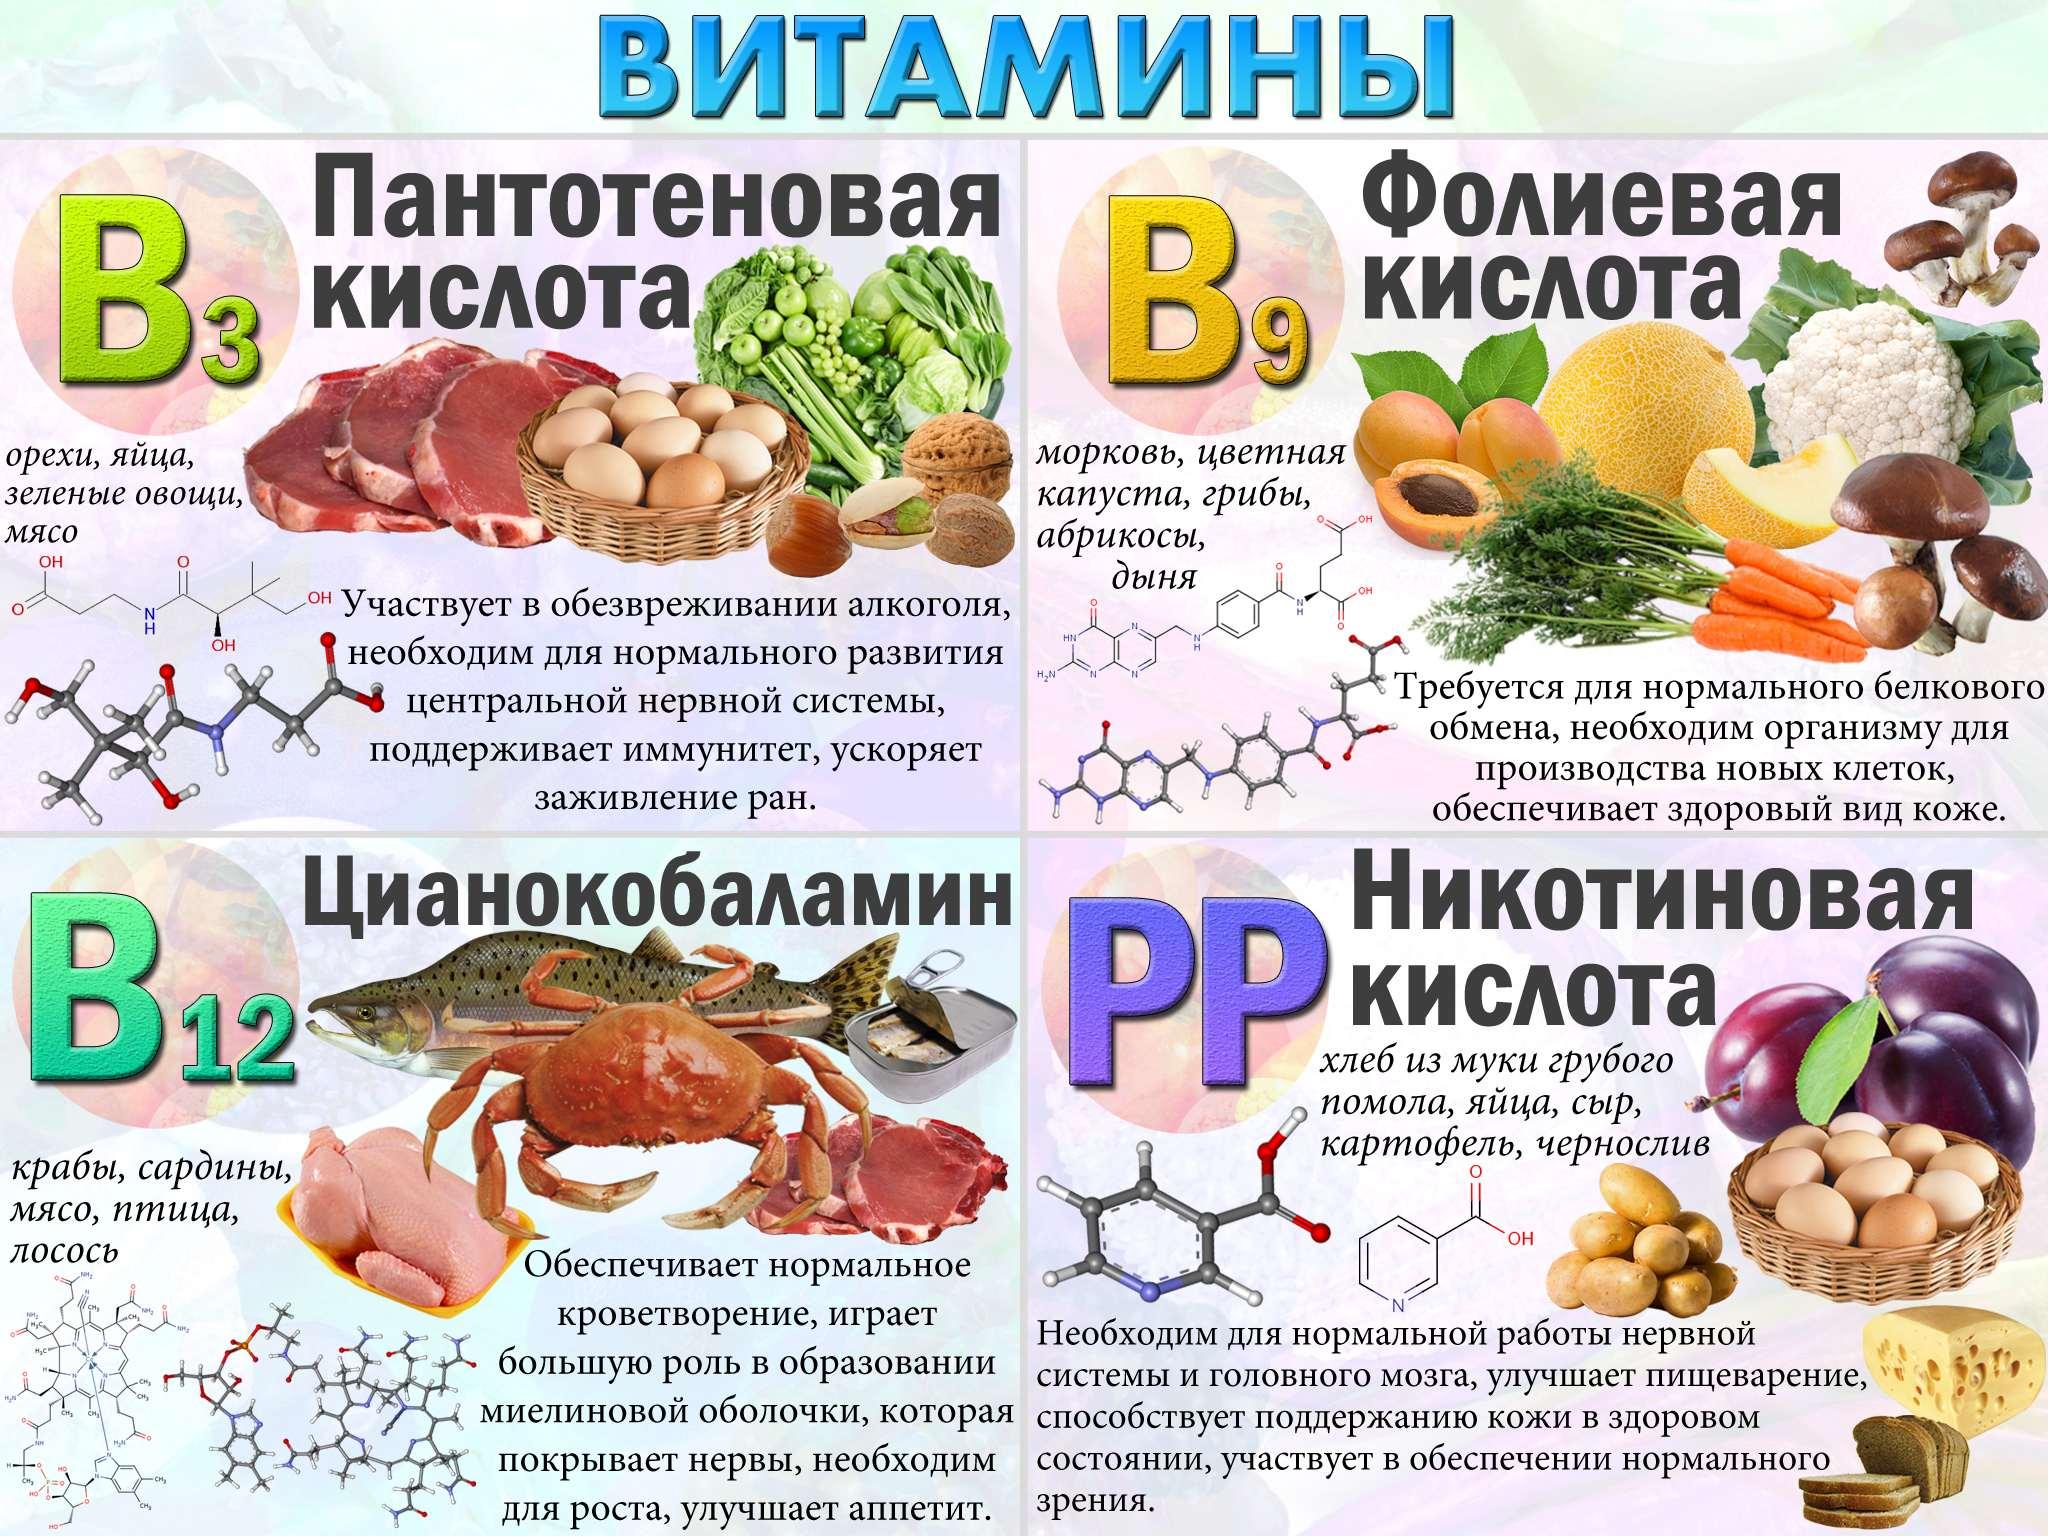 Как правильно употреблять витамины группы b